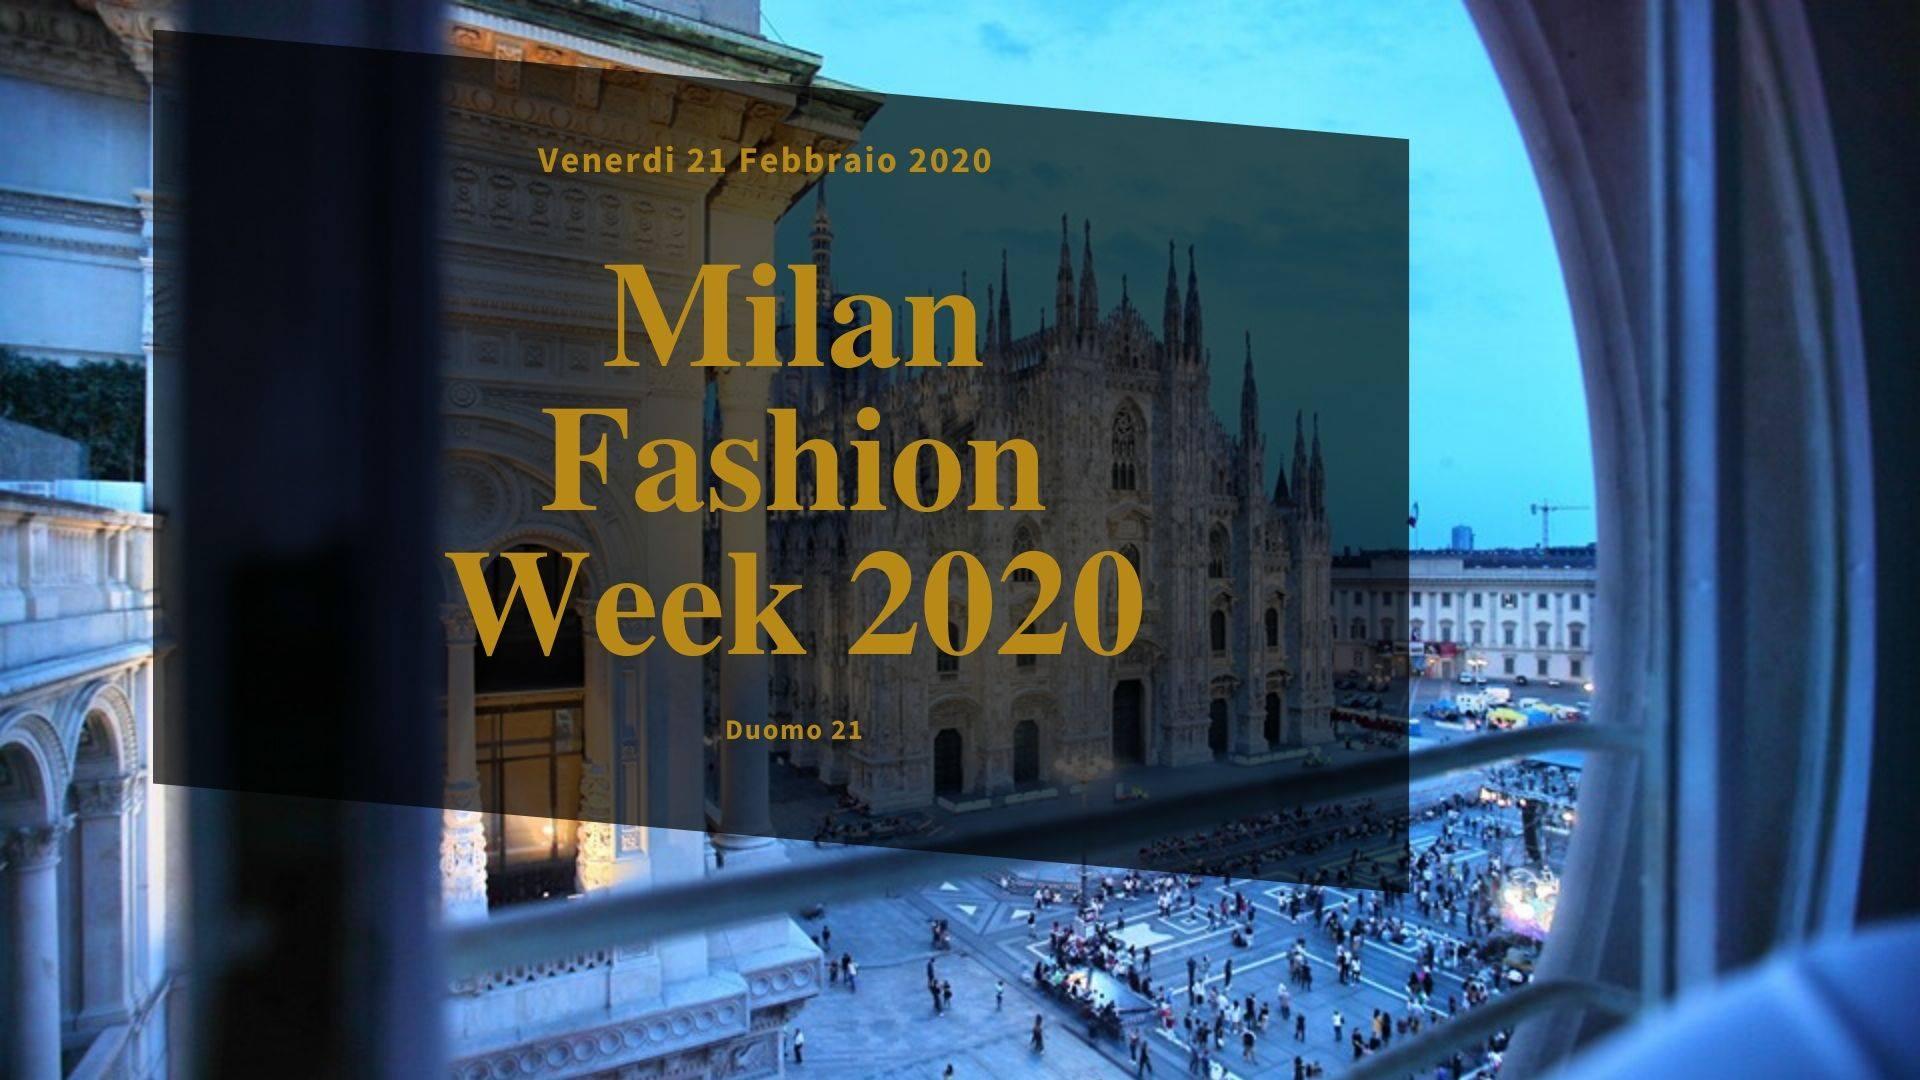 Milan Fashion Week – Chic Aperitif @ Duomo 21